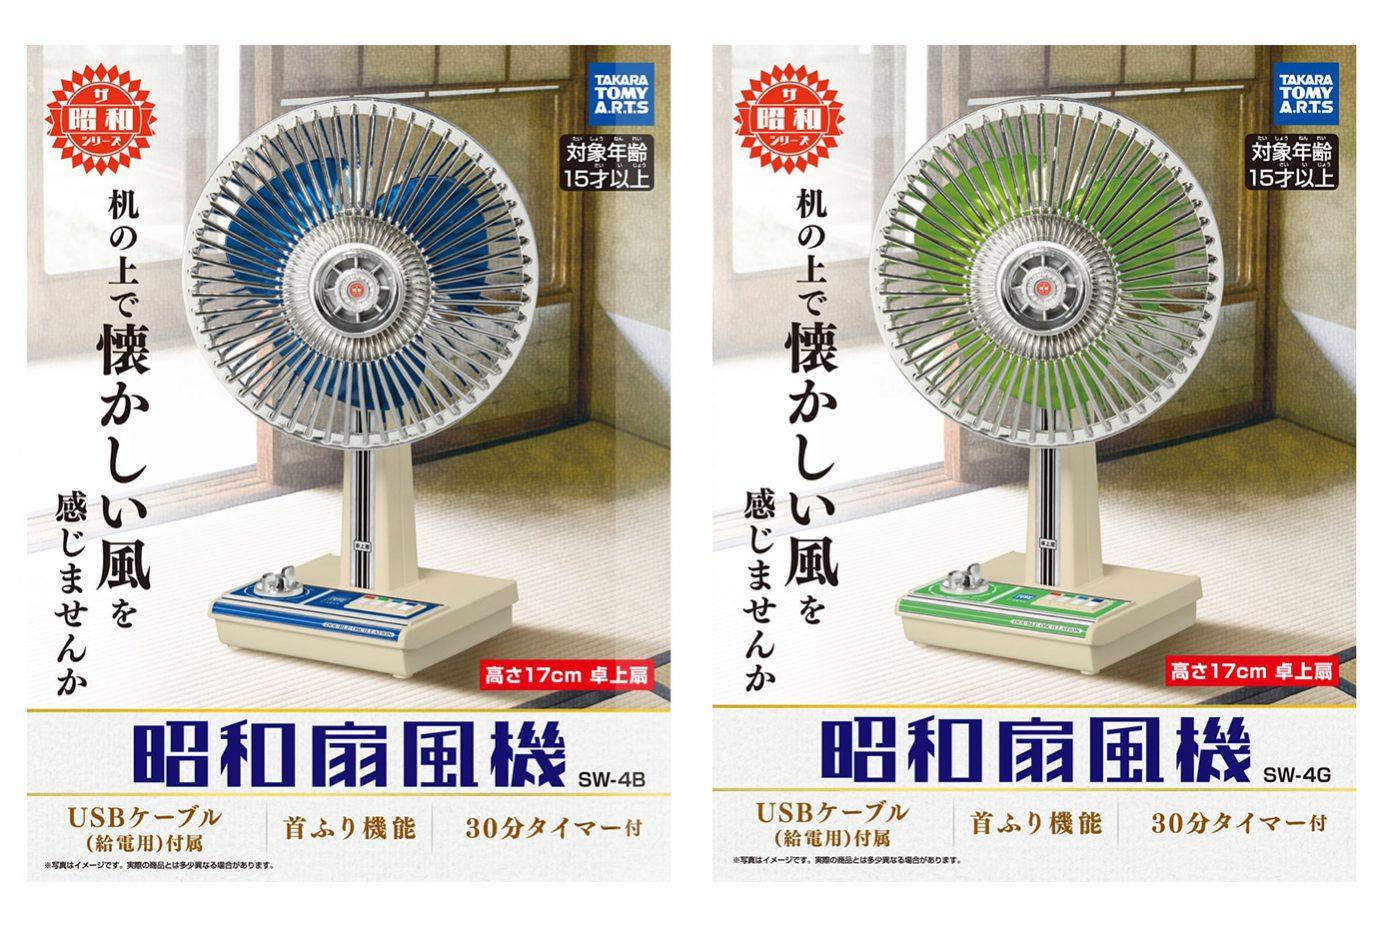 【日本昭和時期】桌上型復古電風扇闖入新世代,滿滿回憶瀰漫在現代,辦公室小物療癒你的倦怠